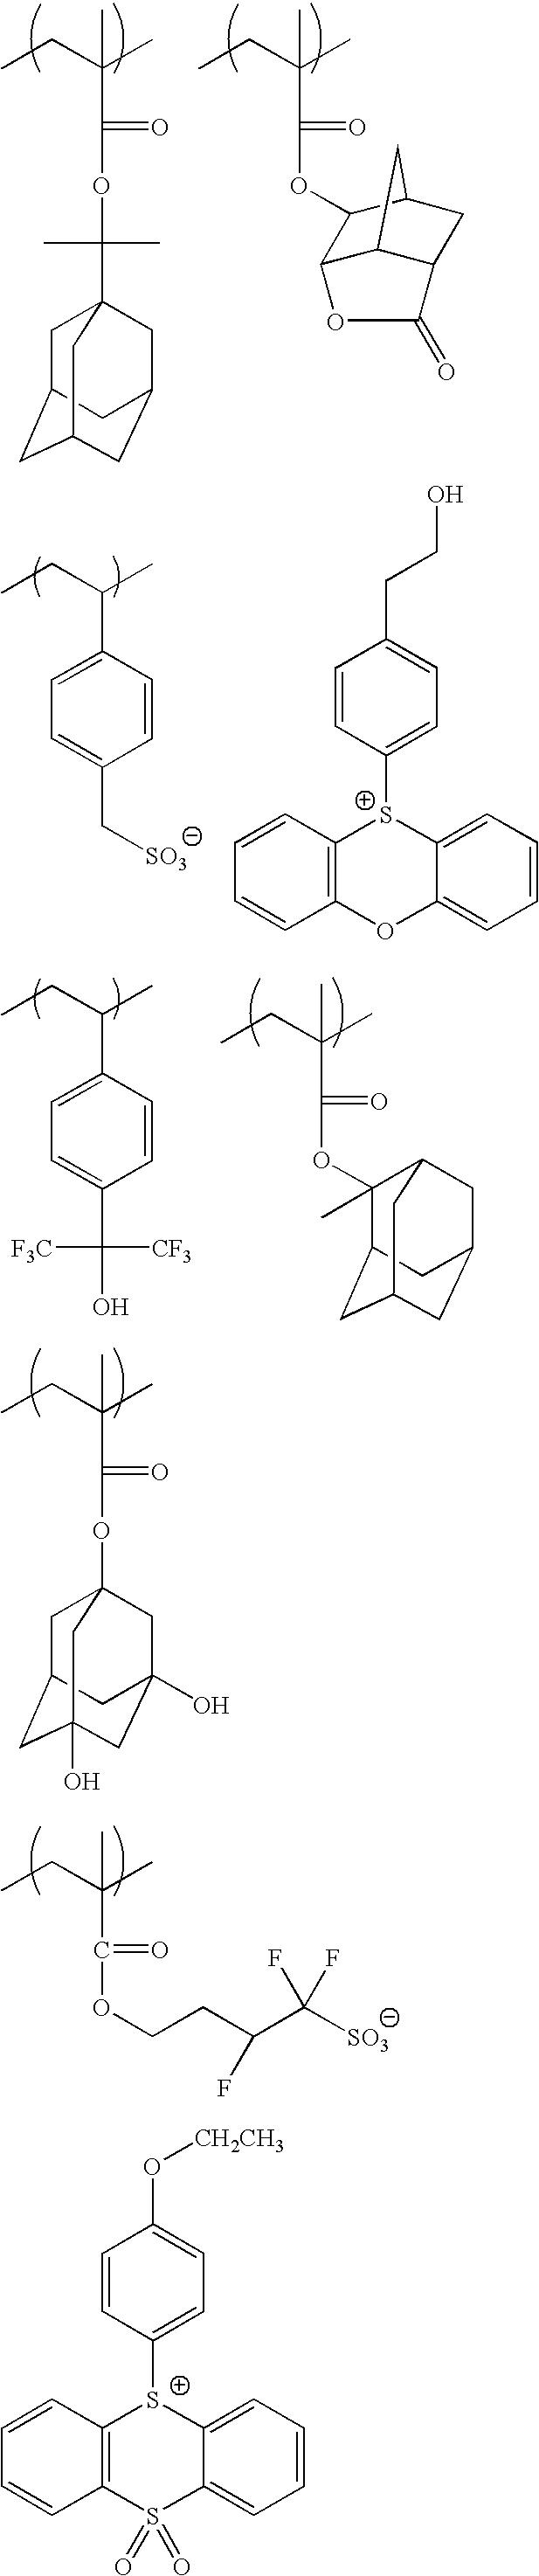 Figure US08852845-20141007-C00204